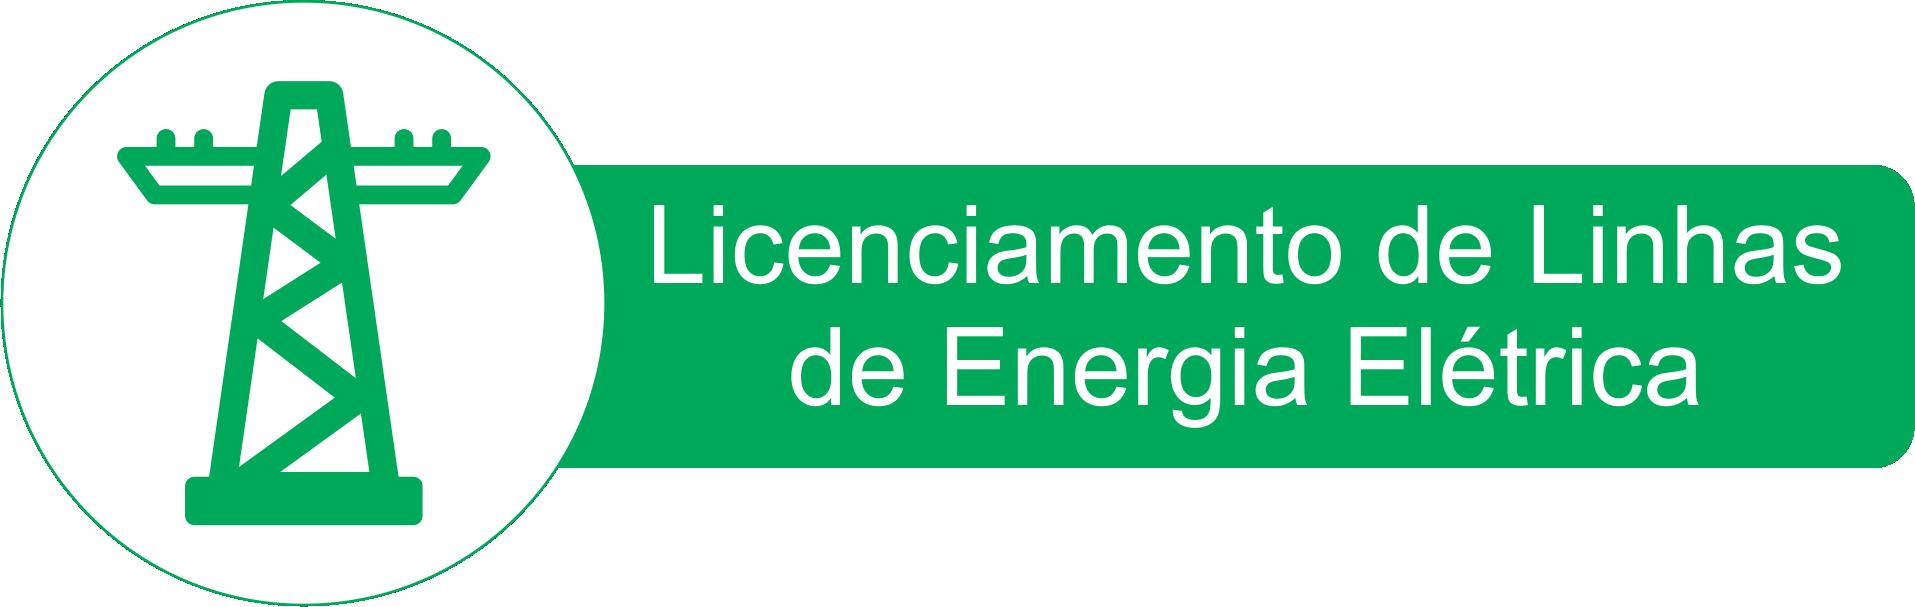 Licenciamento de Linhas de Energia elétrica